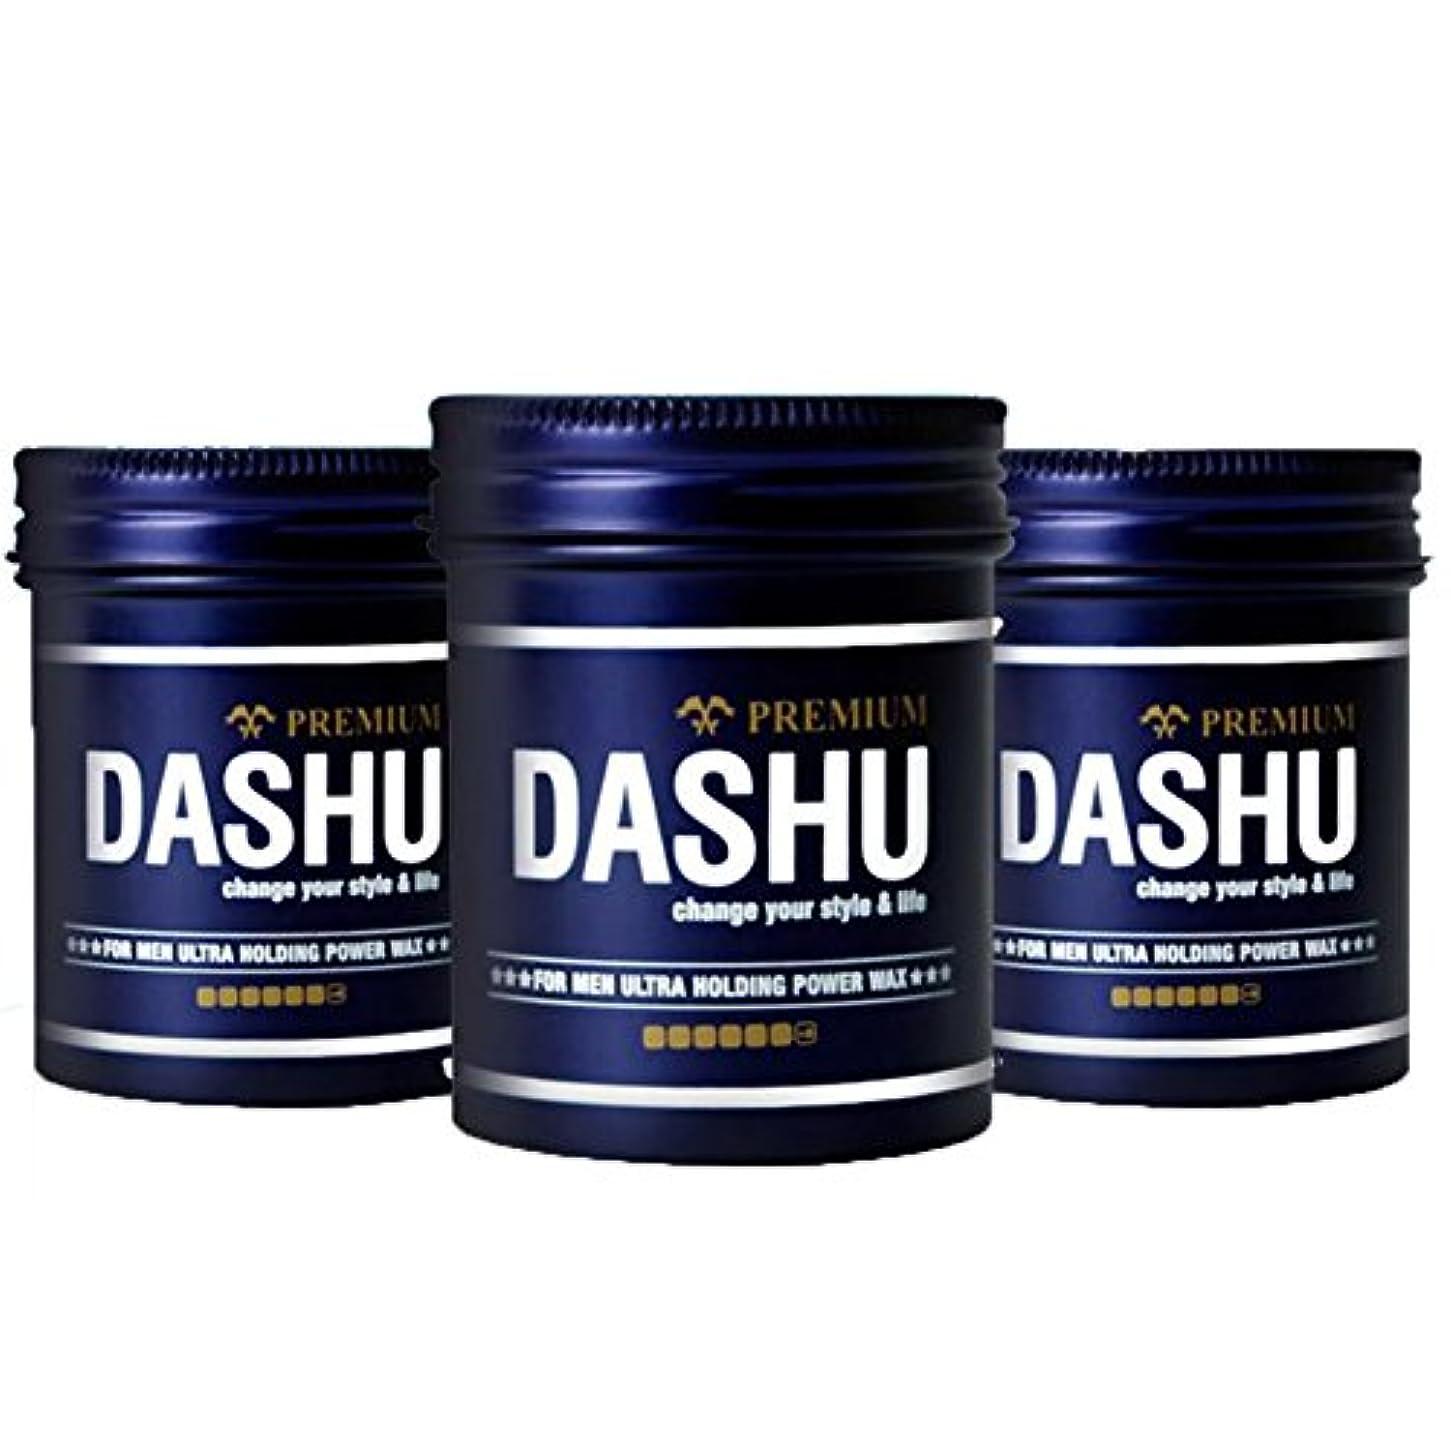 肌閃光よく話される(3個セット) x [DASHU] ダシュ For Men男性用 プレミアムウルトラホールディングパワーワックス Premium Ultra Holding Power Hair Wax 100m l/ 韓国製 . 韓国直送品